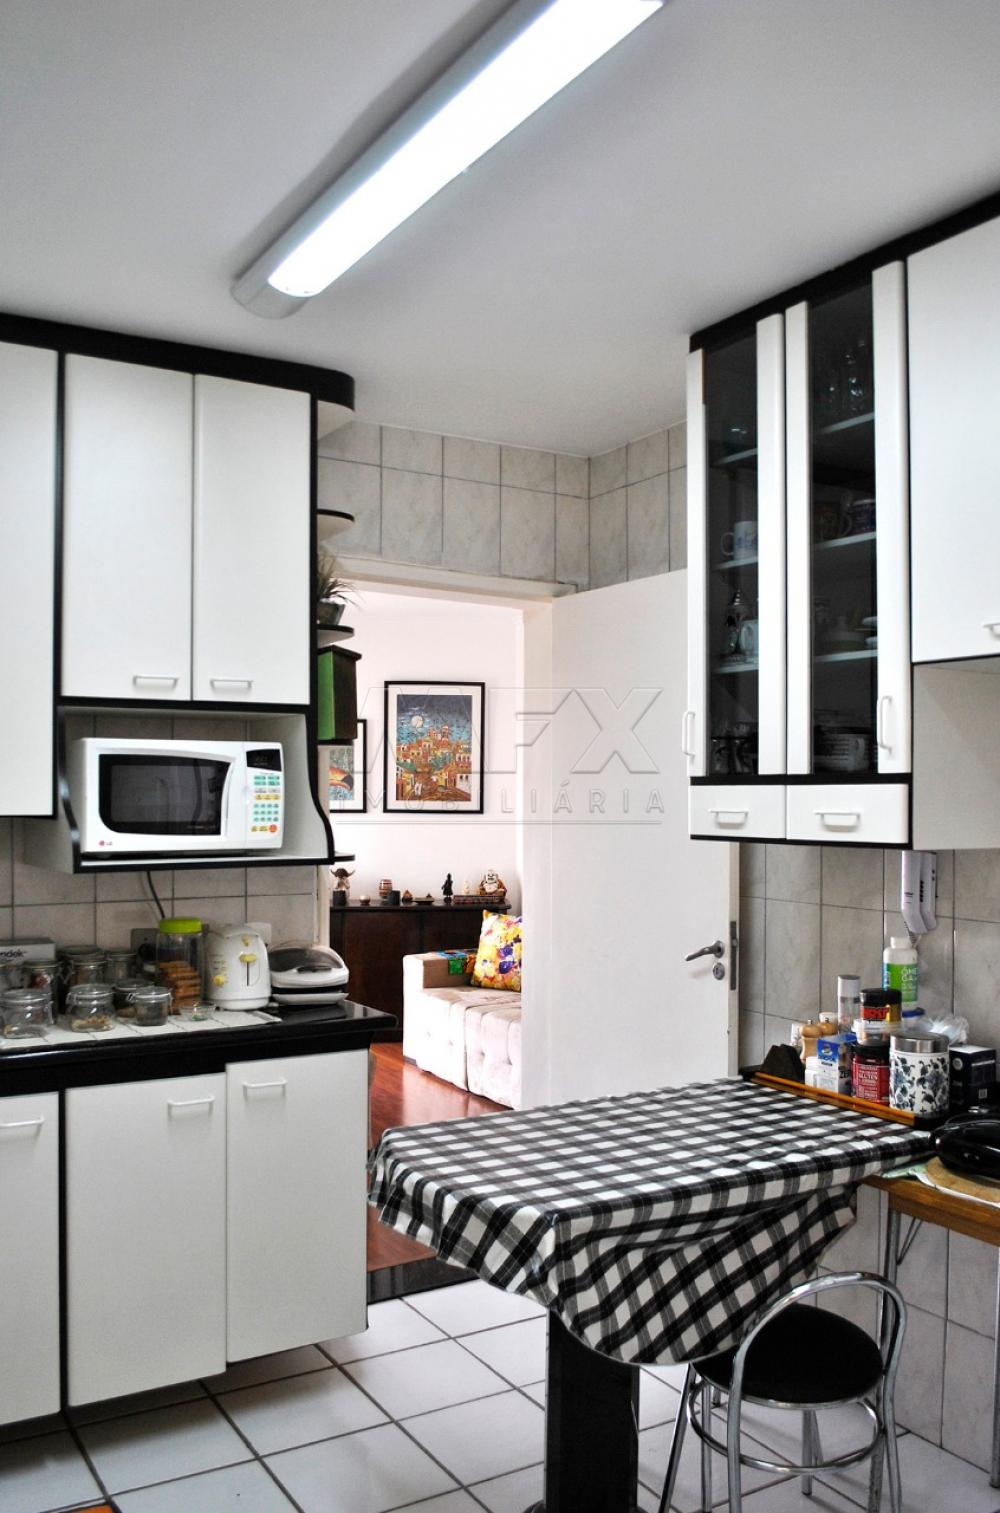 Comprar Apartamento / Padrão em Bauru R$ 320.000,00 - Foto 12